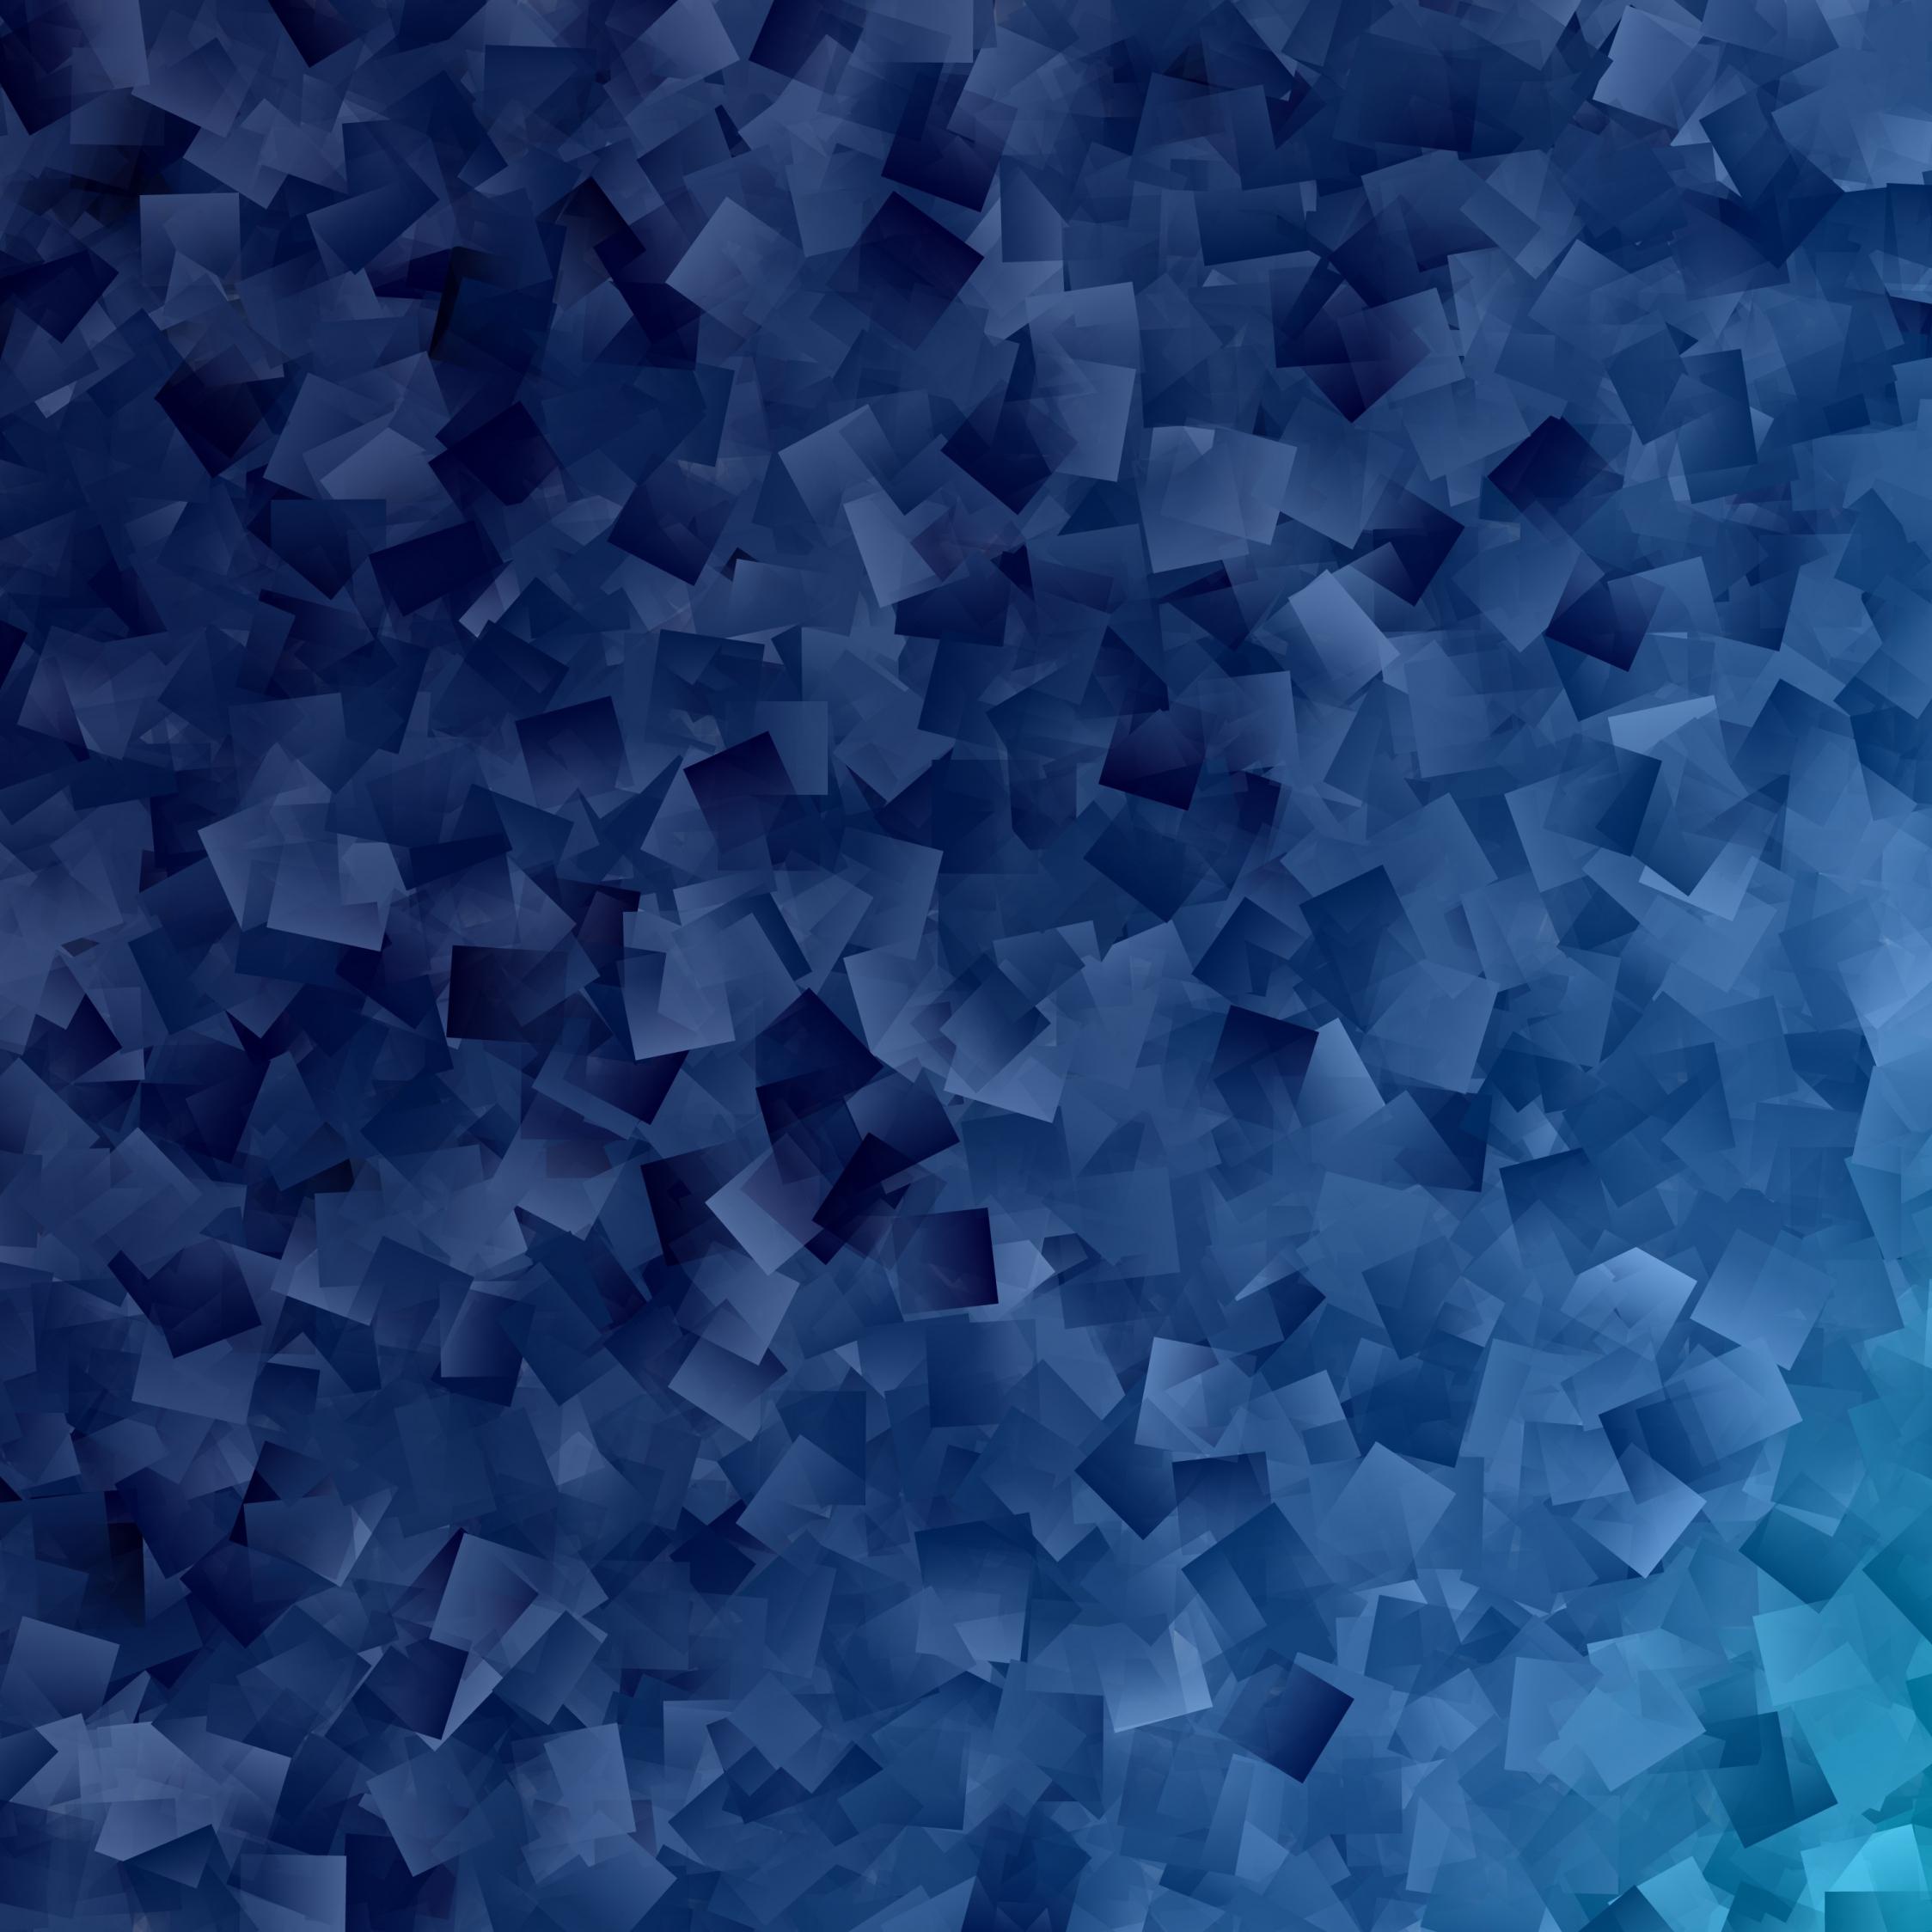 Desktop Wallpaper Abstract, Blue Patterns, Design, Hd